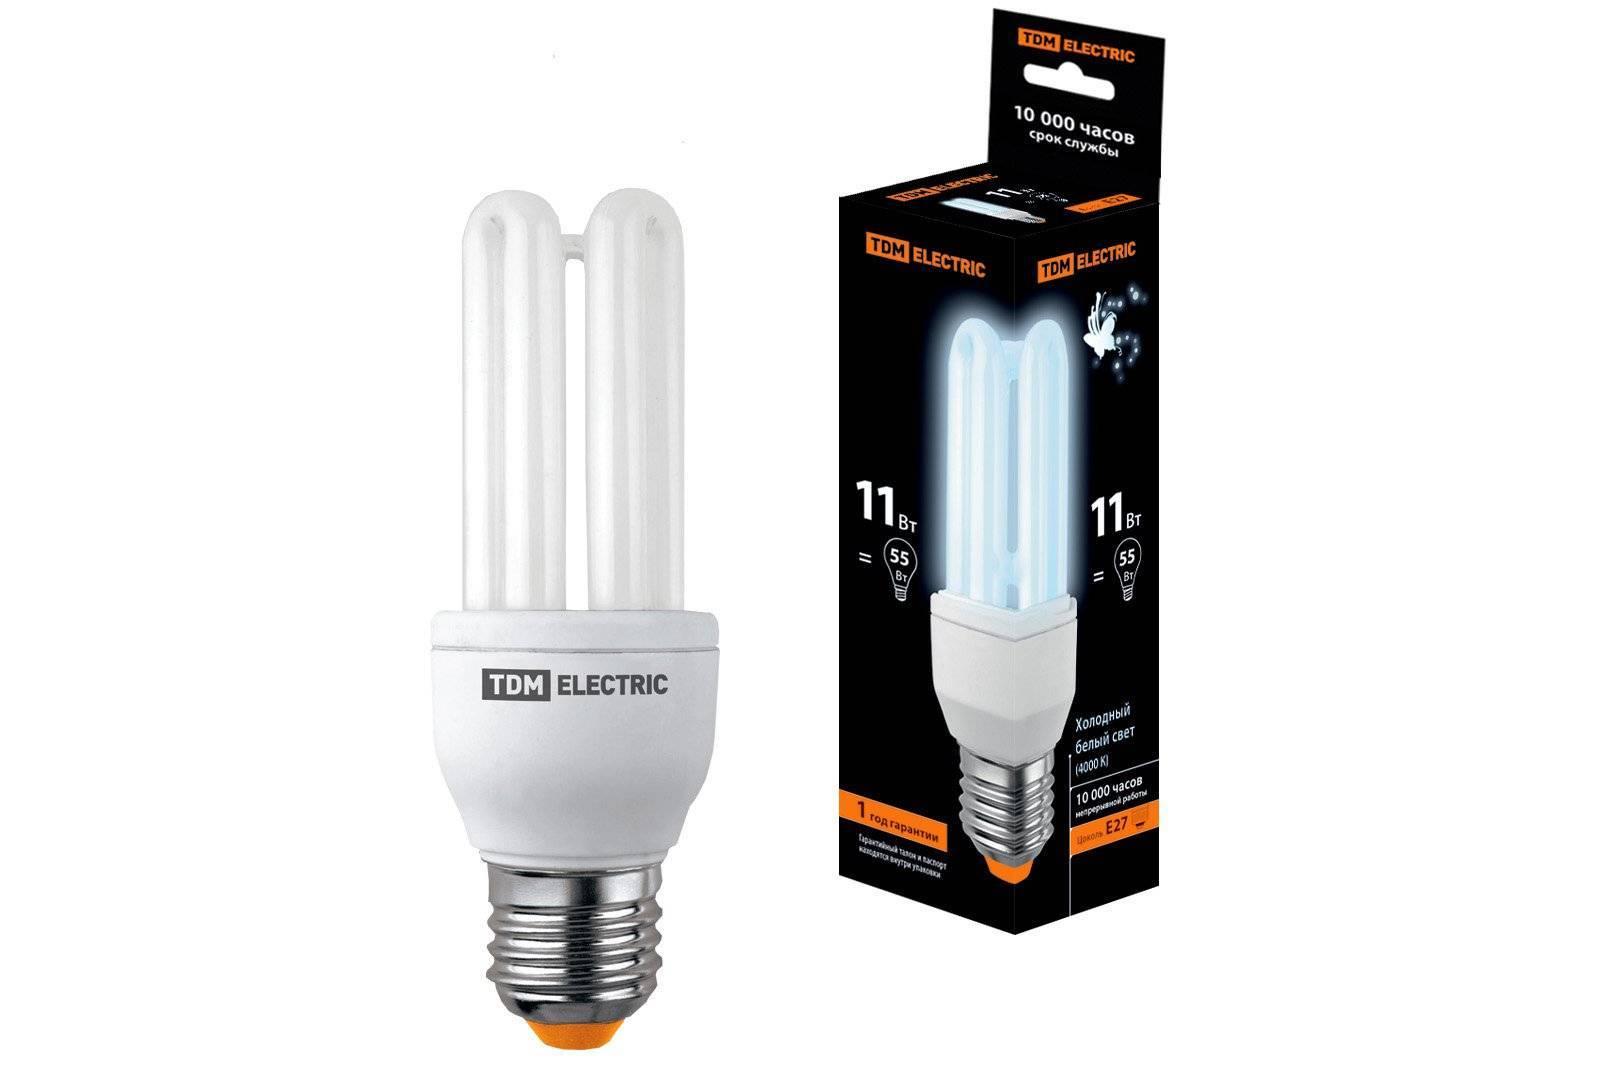 Какими бывают компактные люминесцентные лампы + лучшие производители - точка j